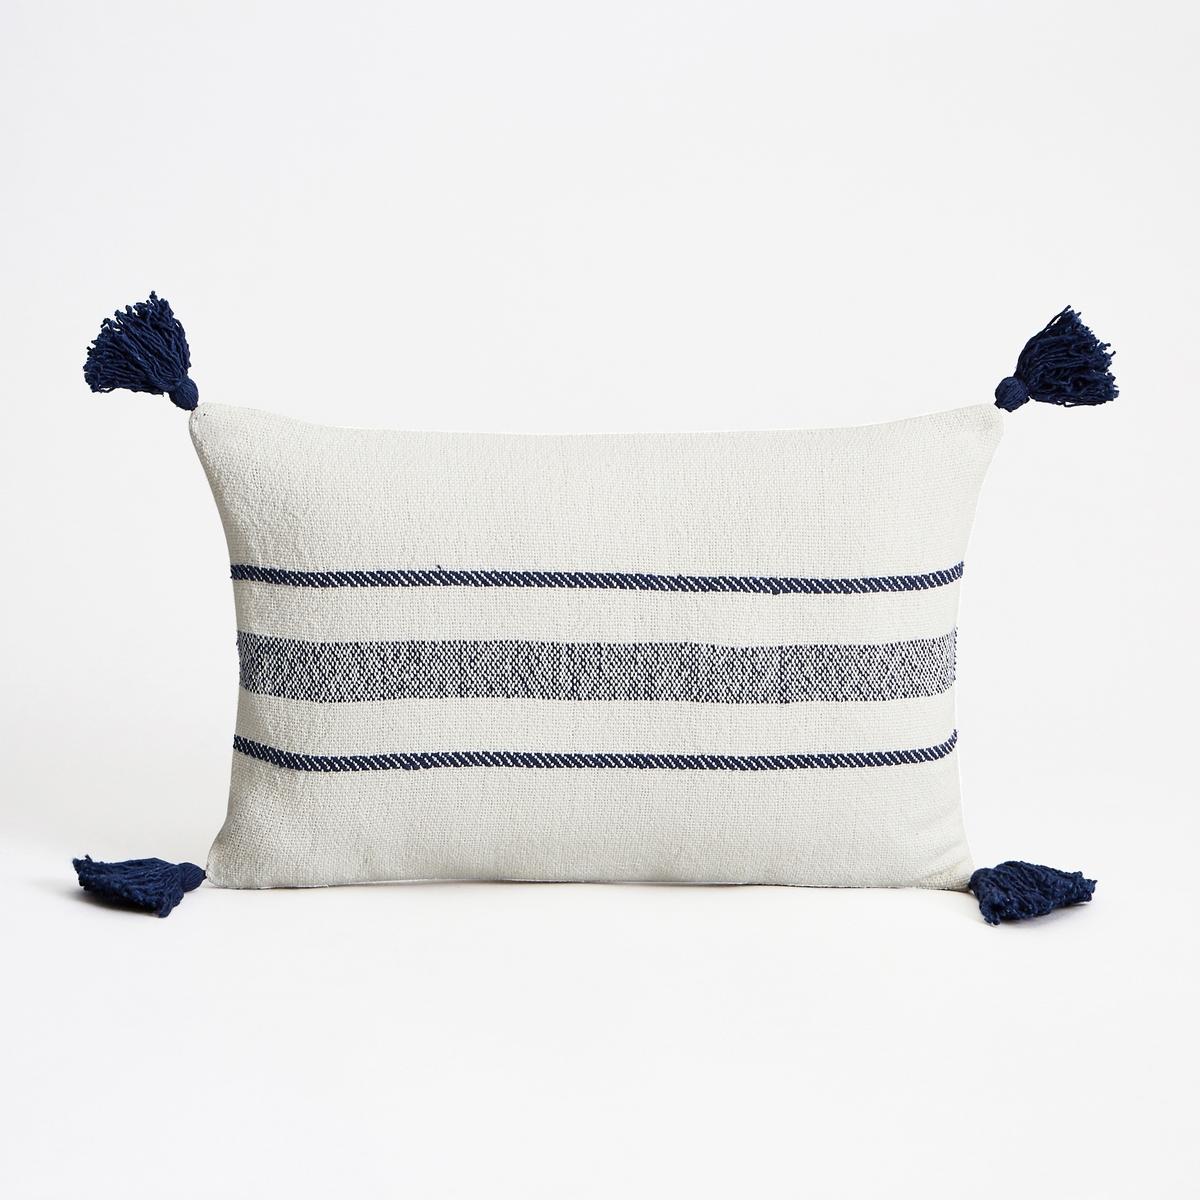 Наволочка La Redoute На подушку-валик Pompona 50 x 30 см синий наволочка la redoute flooch 50 x 30 см бежевый